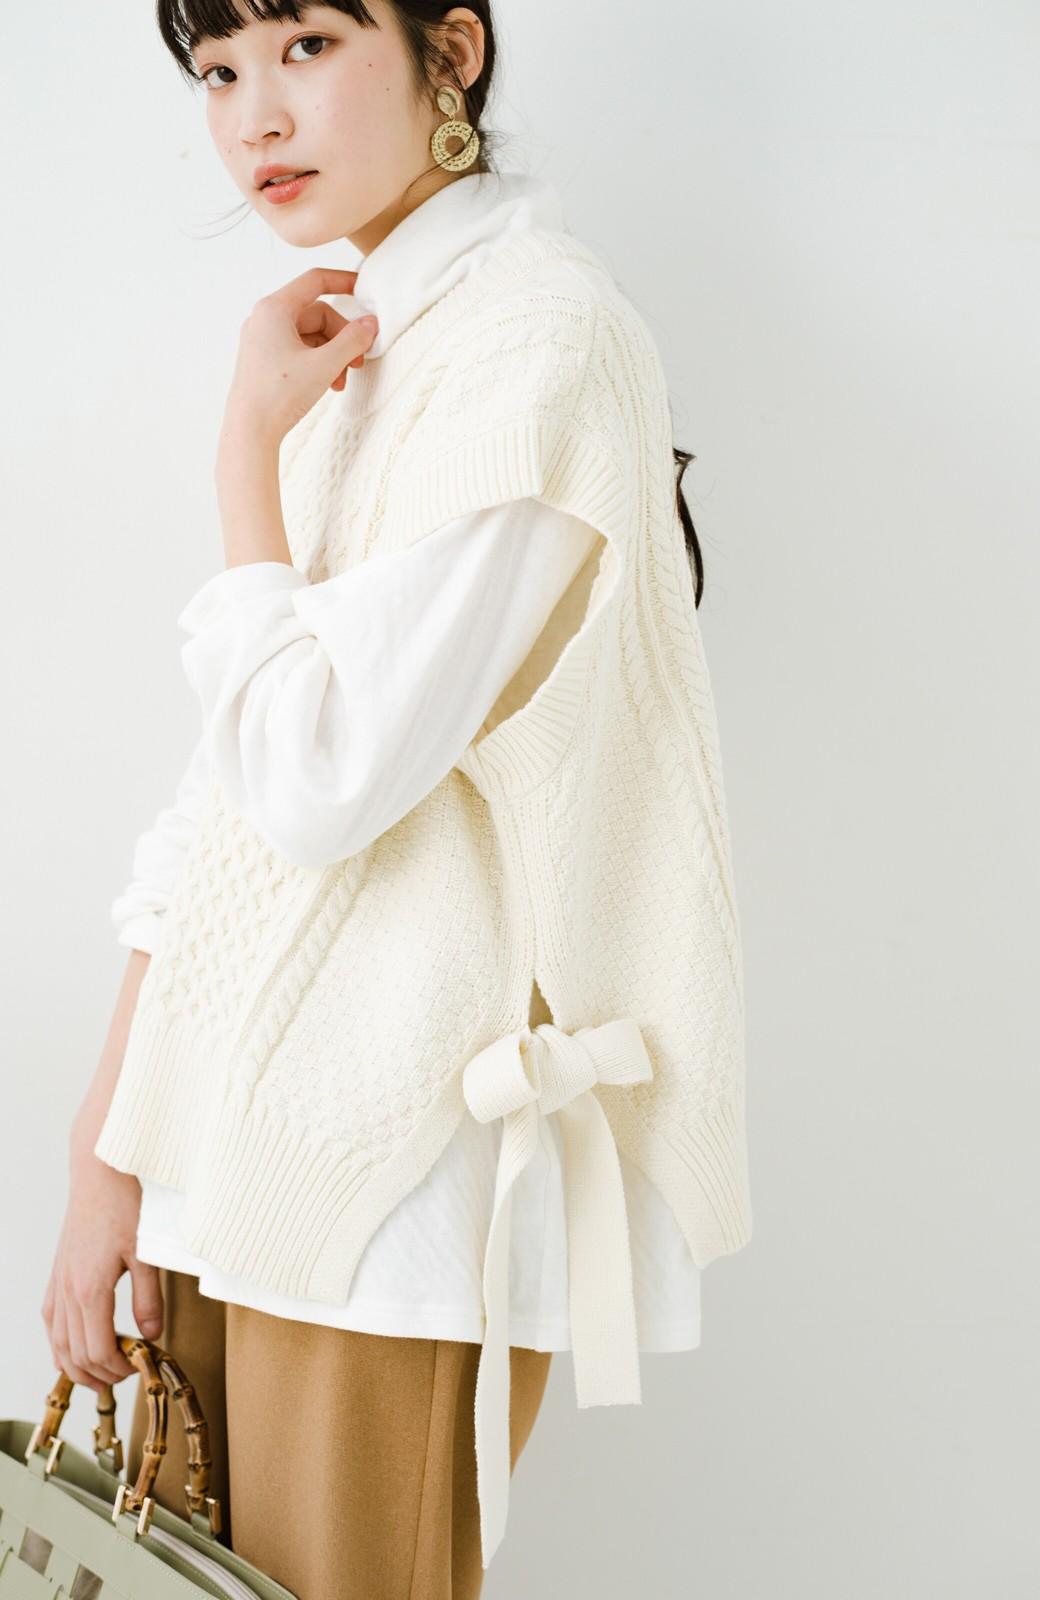 haco! ワンピースやシャツに重ねるだけであっという間に今っぽくなれるケーブル編みニットベスト <アイボリー>の商品写真8